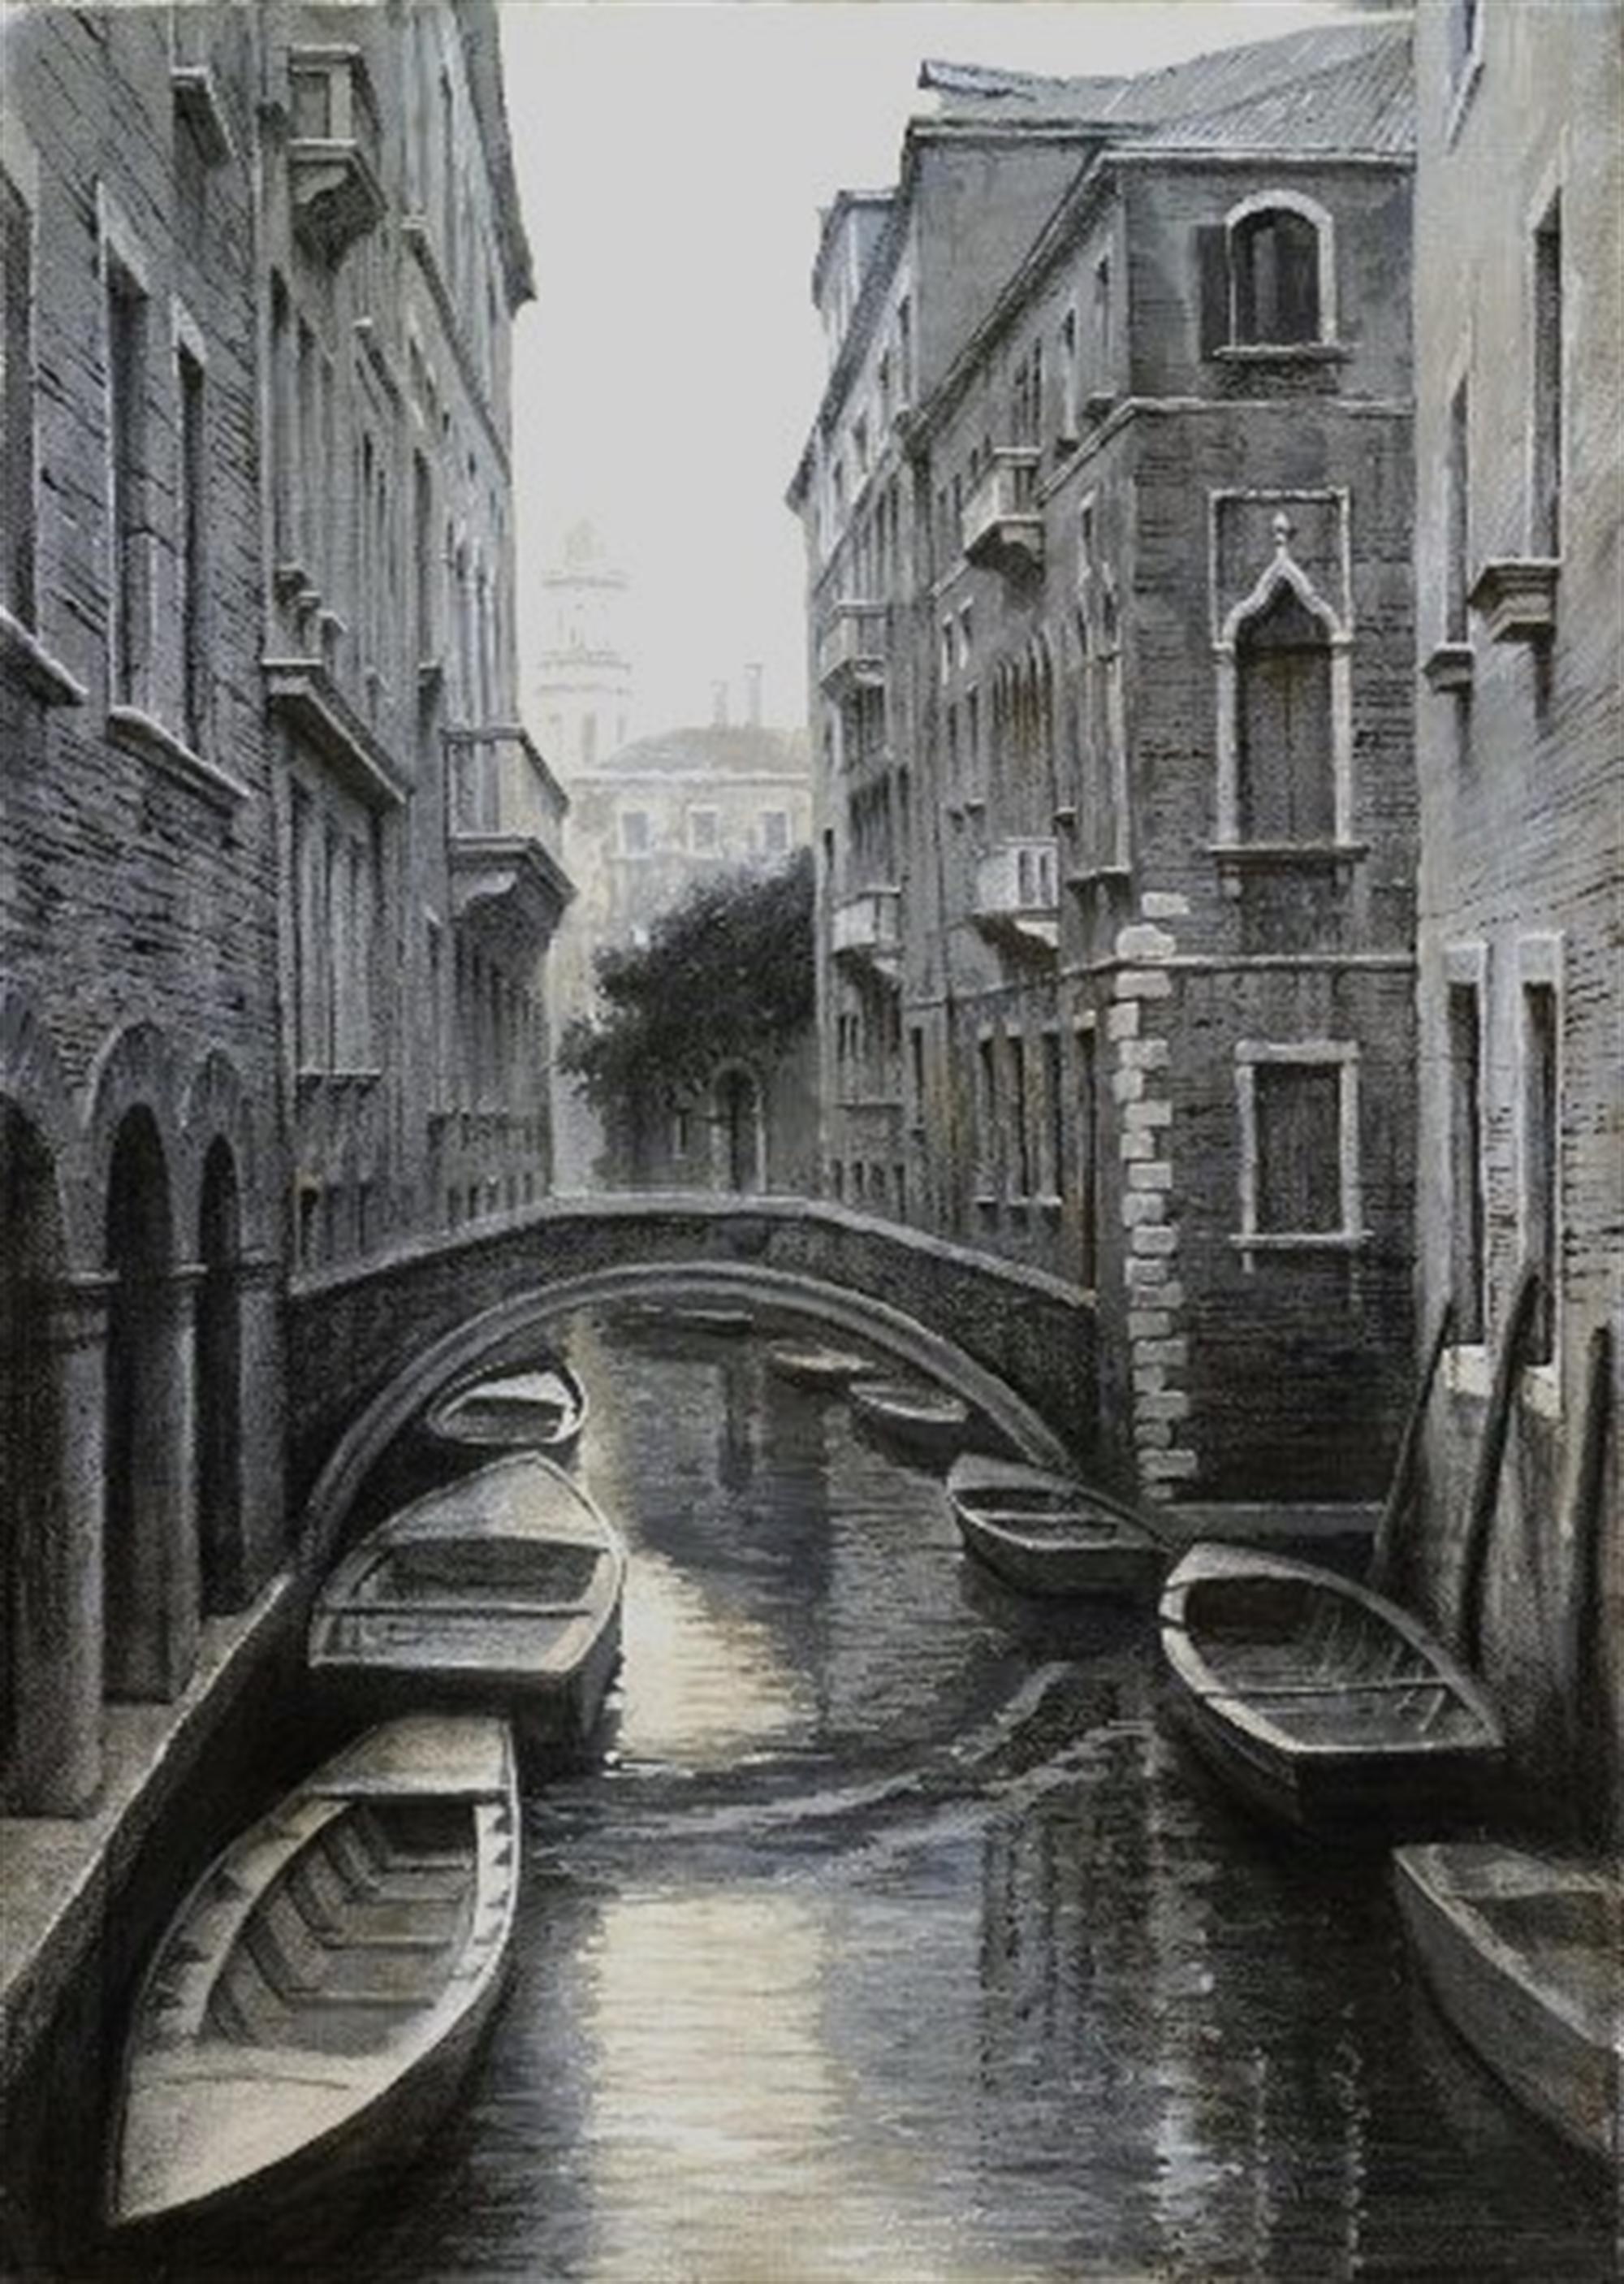 Venetian Song by Alexei Butirskiy